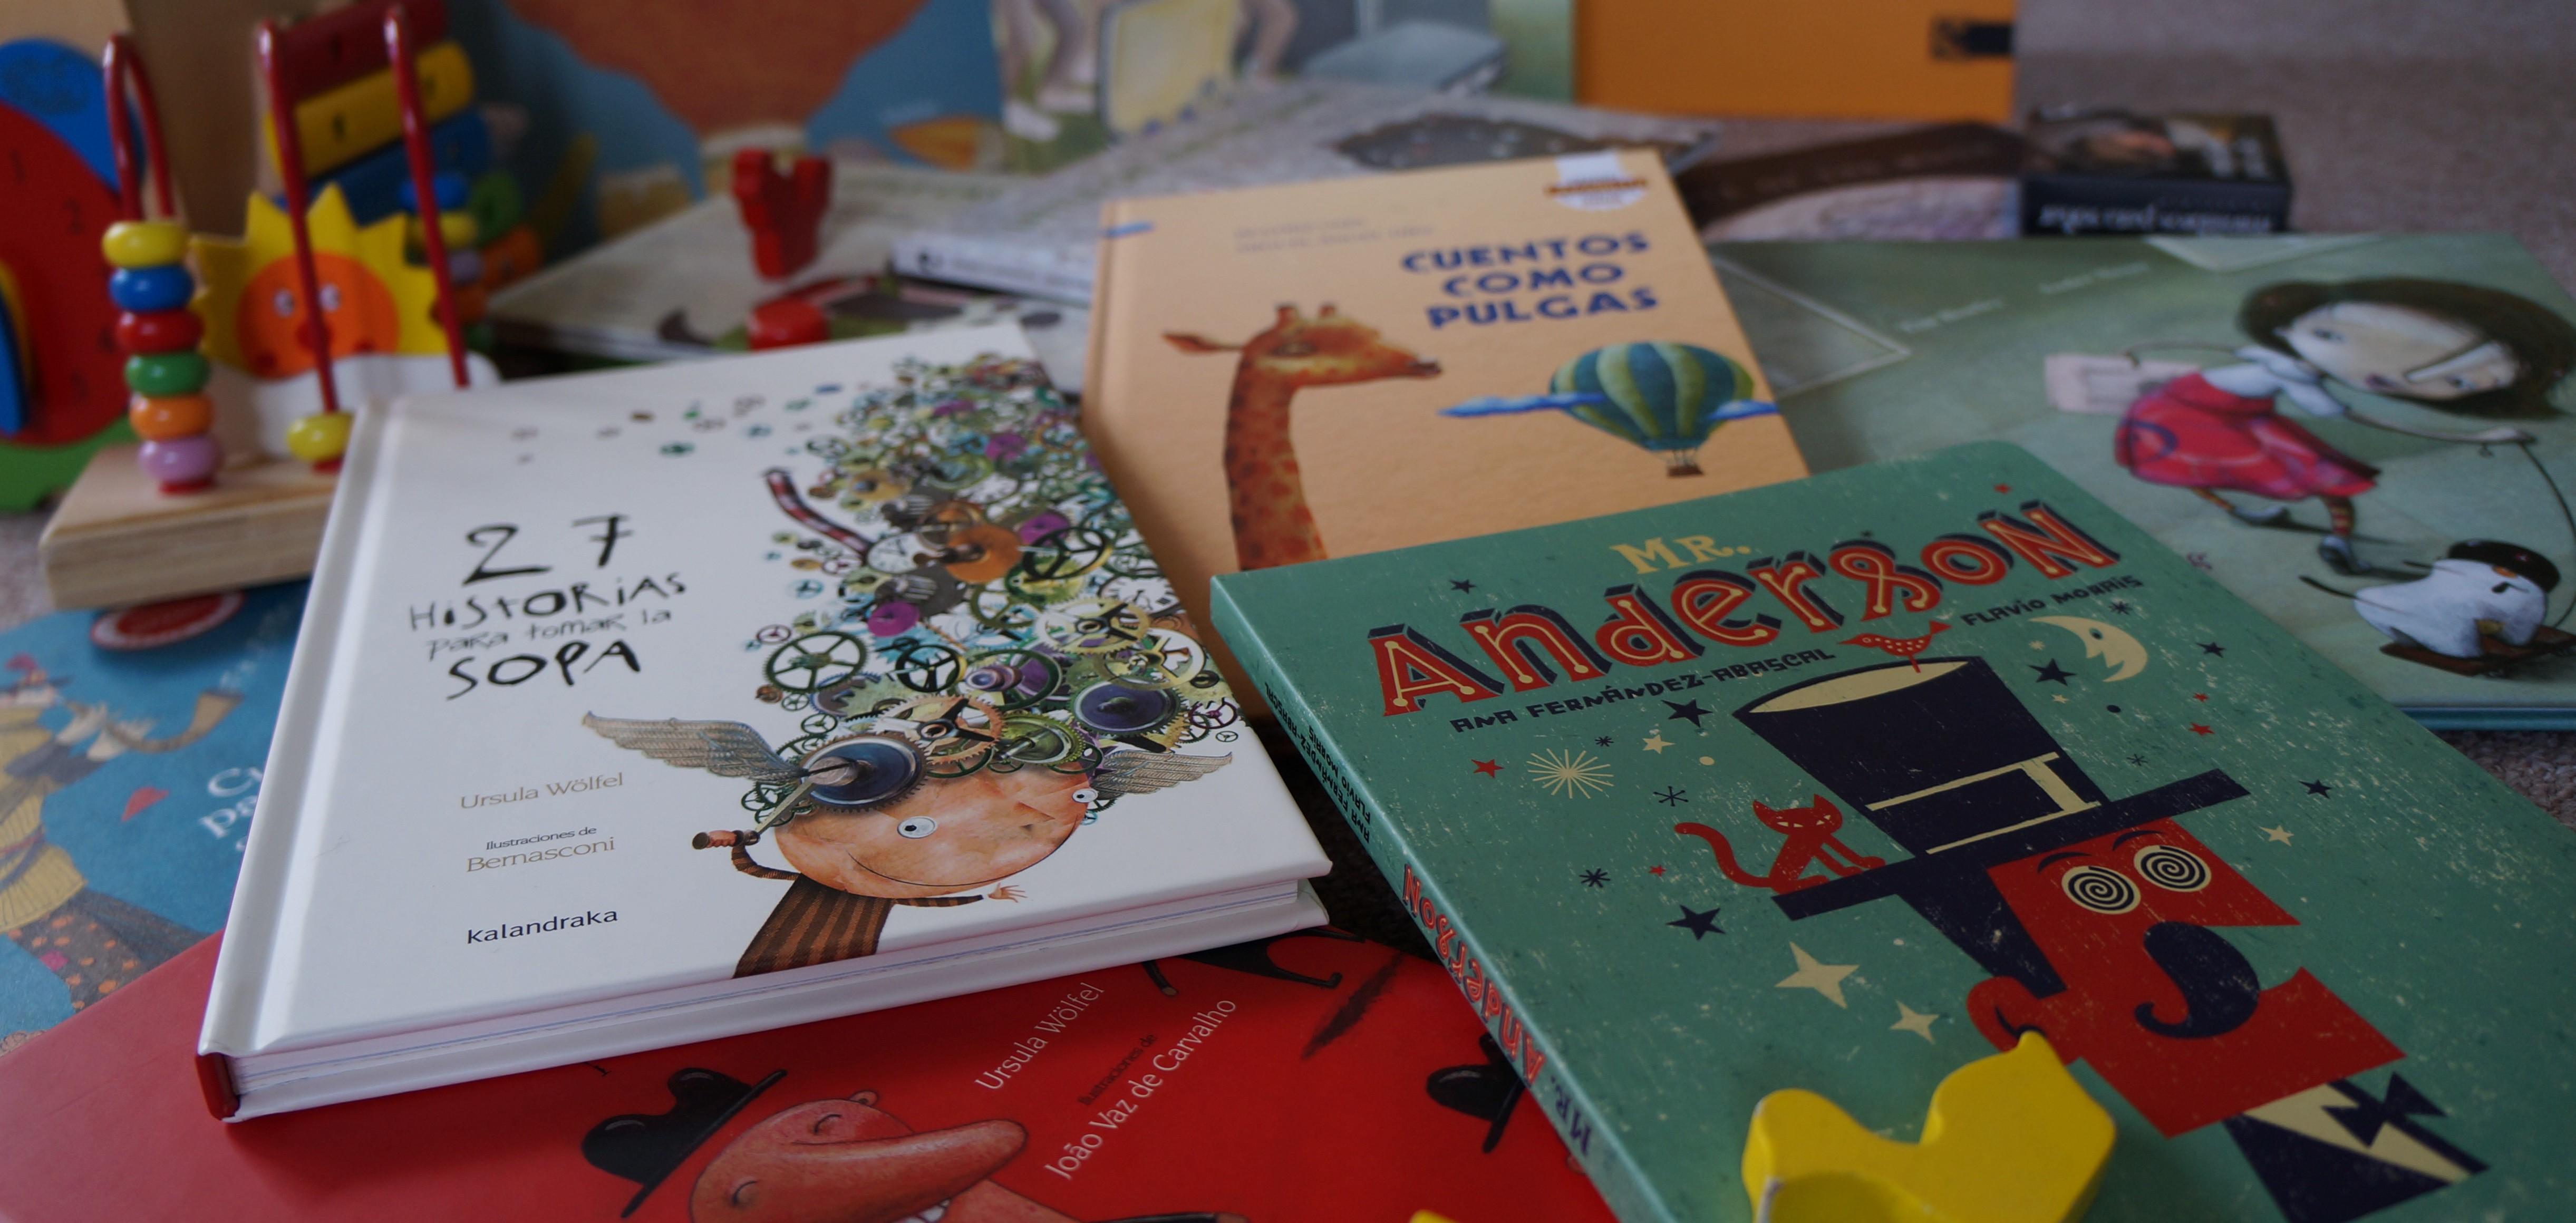 New books Kalandraka